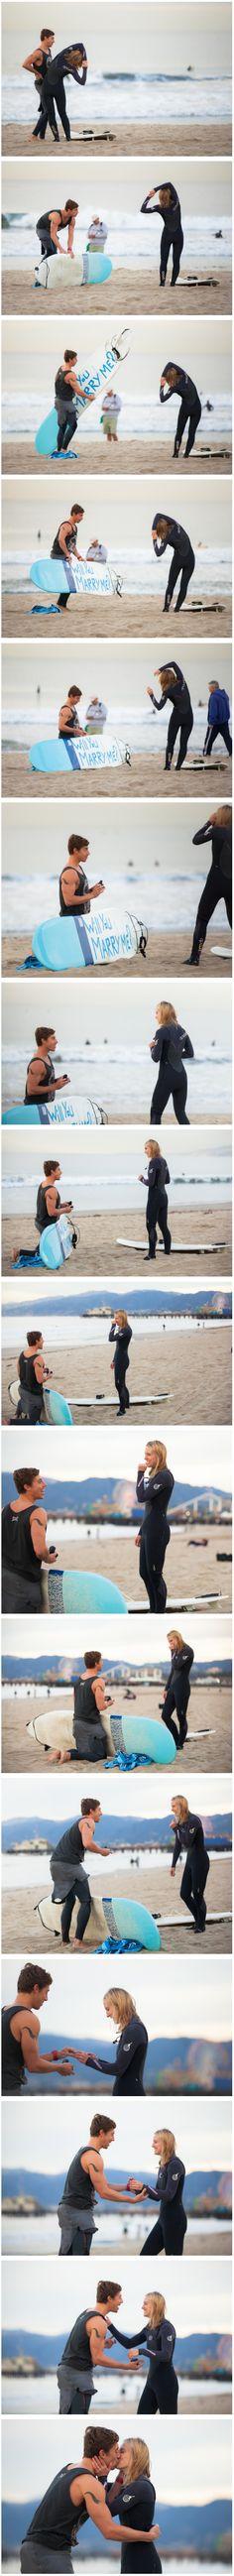 Que pedido de casamento mais Fofo! Uma manobra linda e radical de um surfista super romântico <3